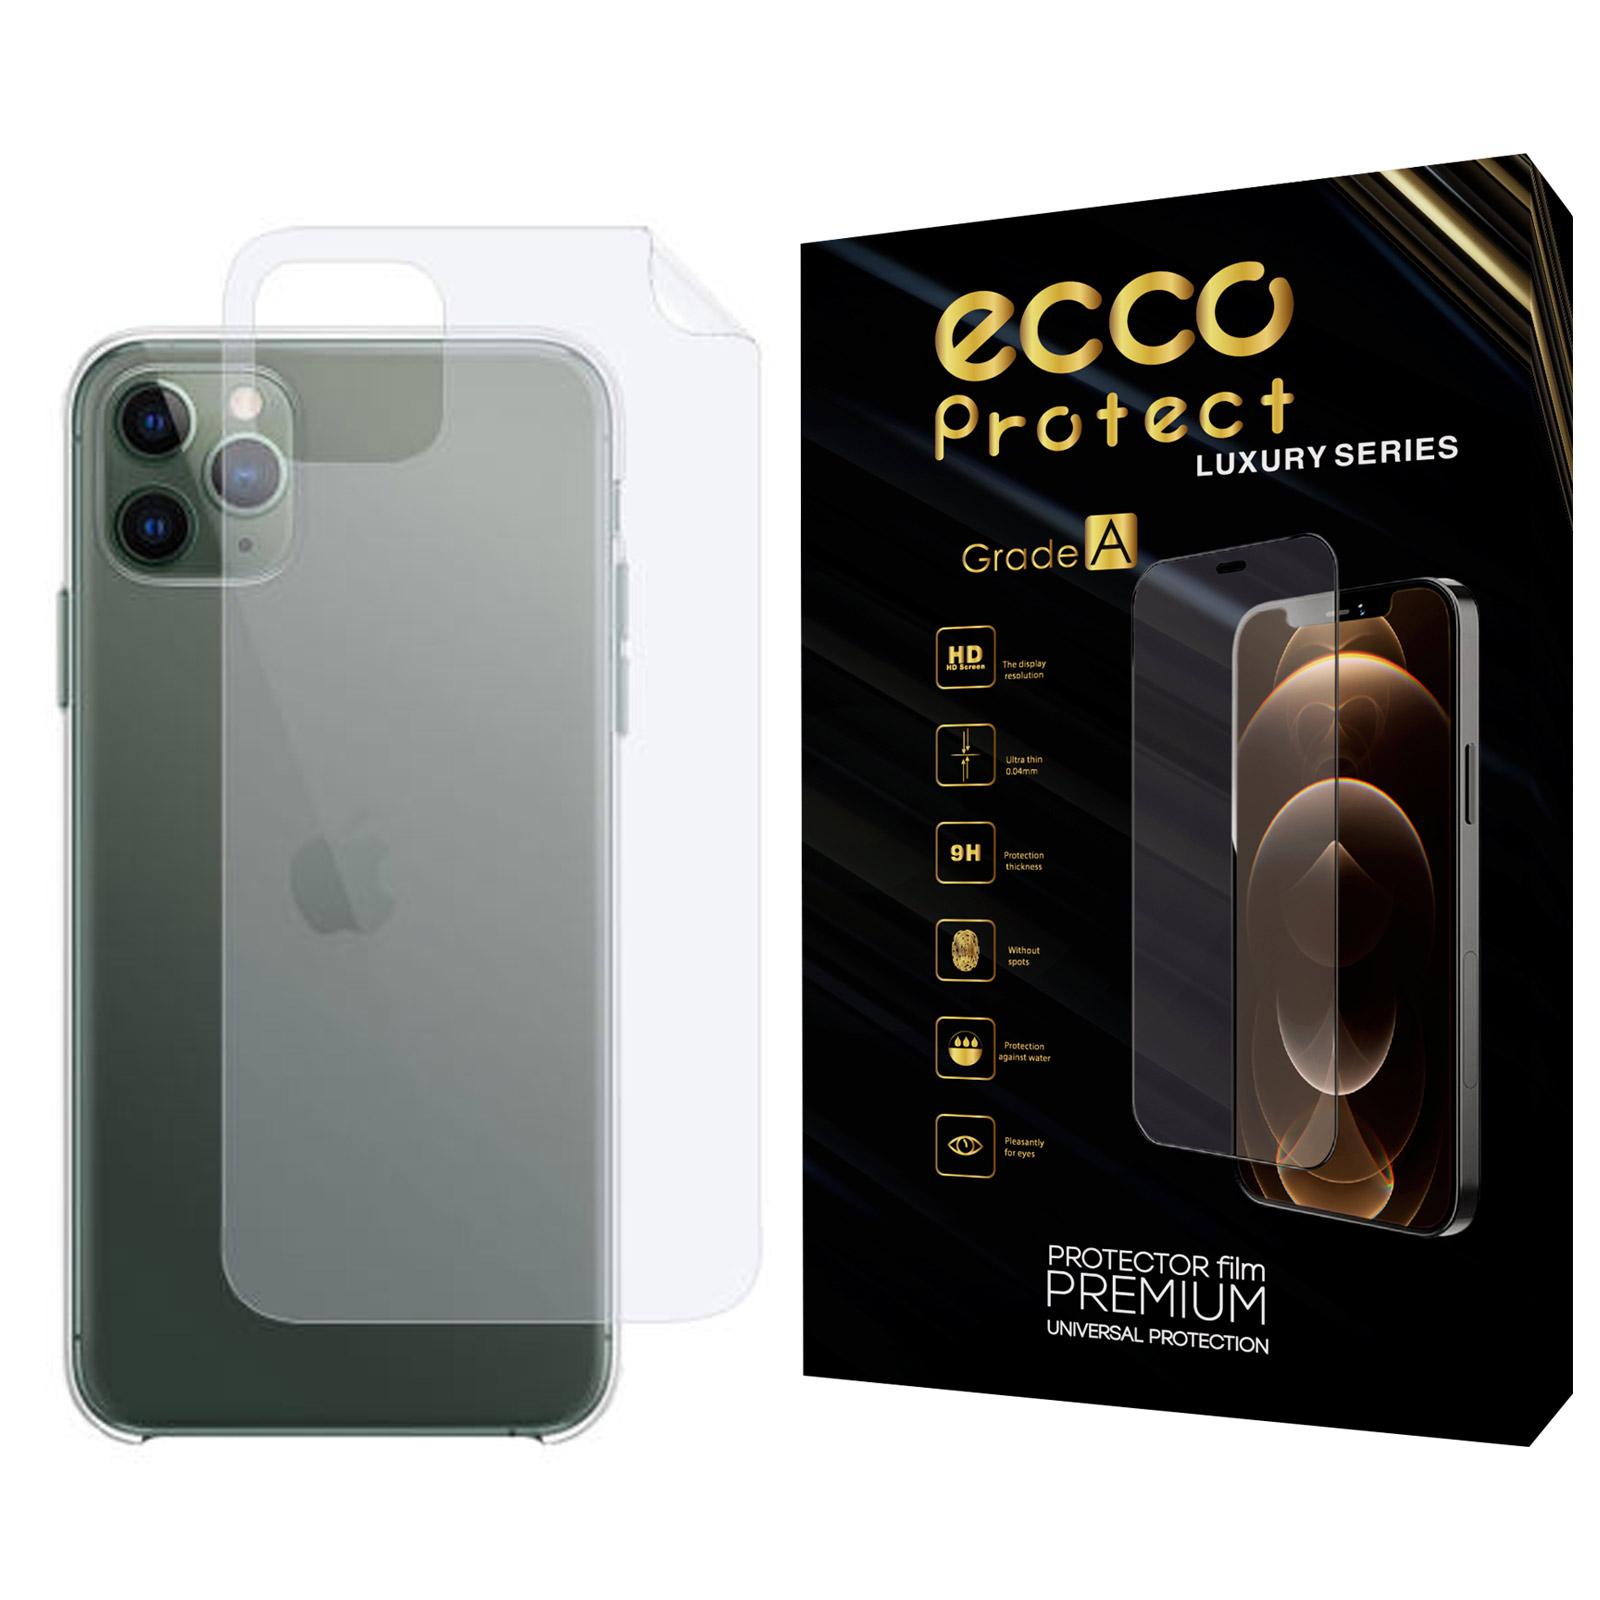 محافظ پشت گوشی نانو اکو پروتکت مدل Back مناسب برای گوشی موبایل اپل iPhone 11 Pro Max